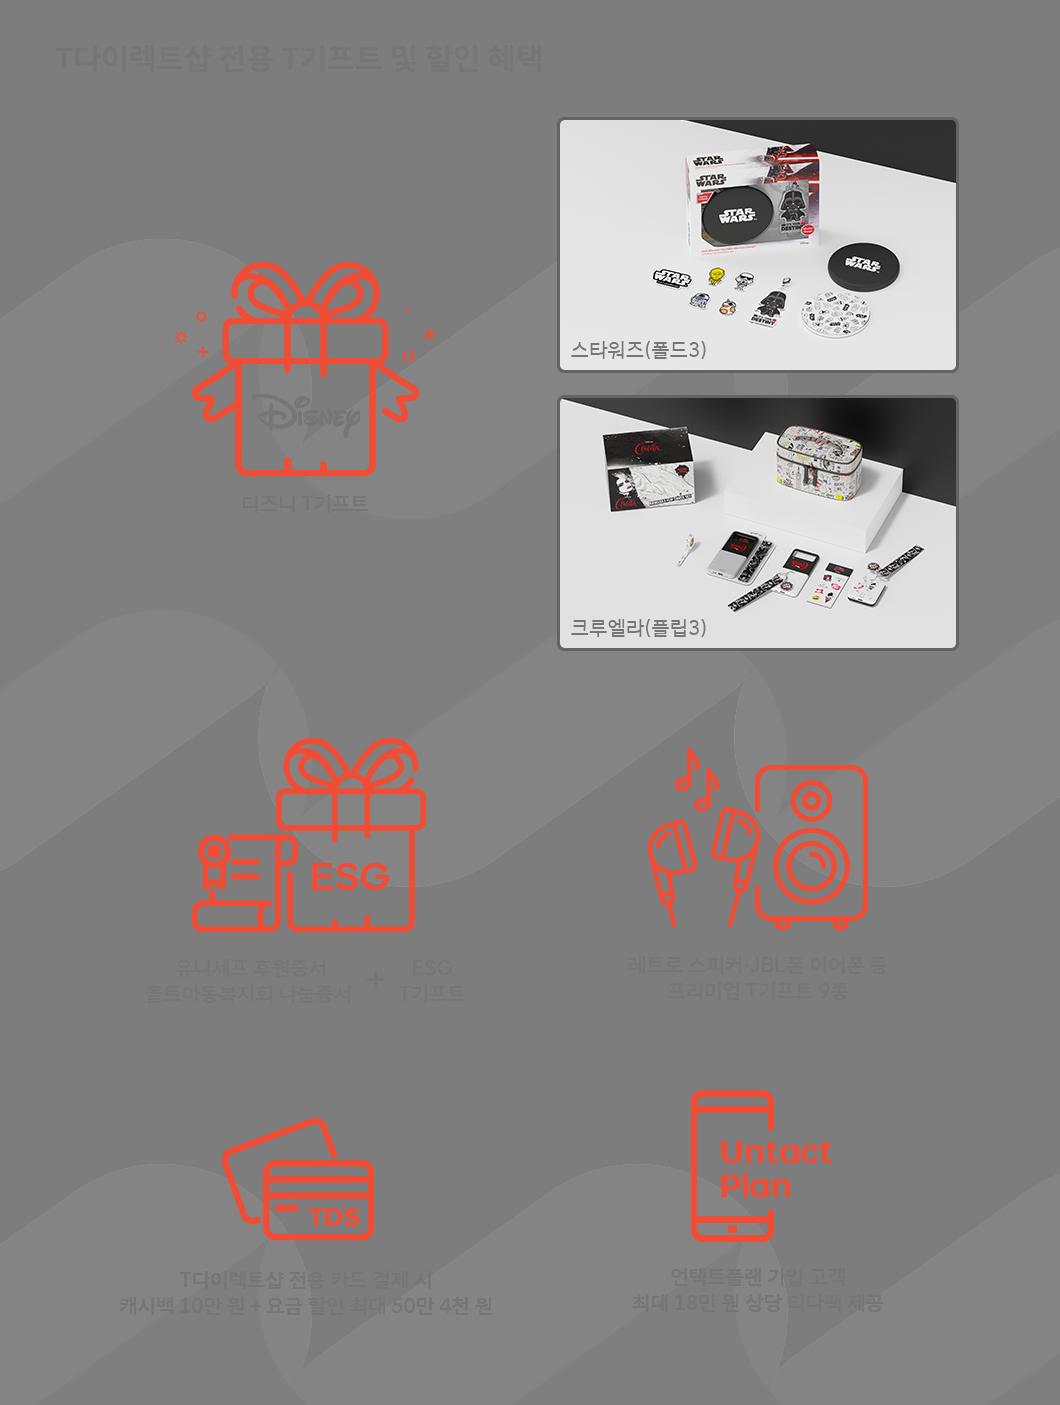 갤럭시Z폴드3, 갤럭시Z플립3, SKT갤럭시Z폴드3, SKT갤럭시Z플립3